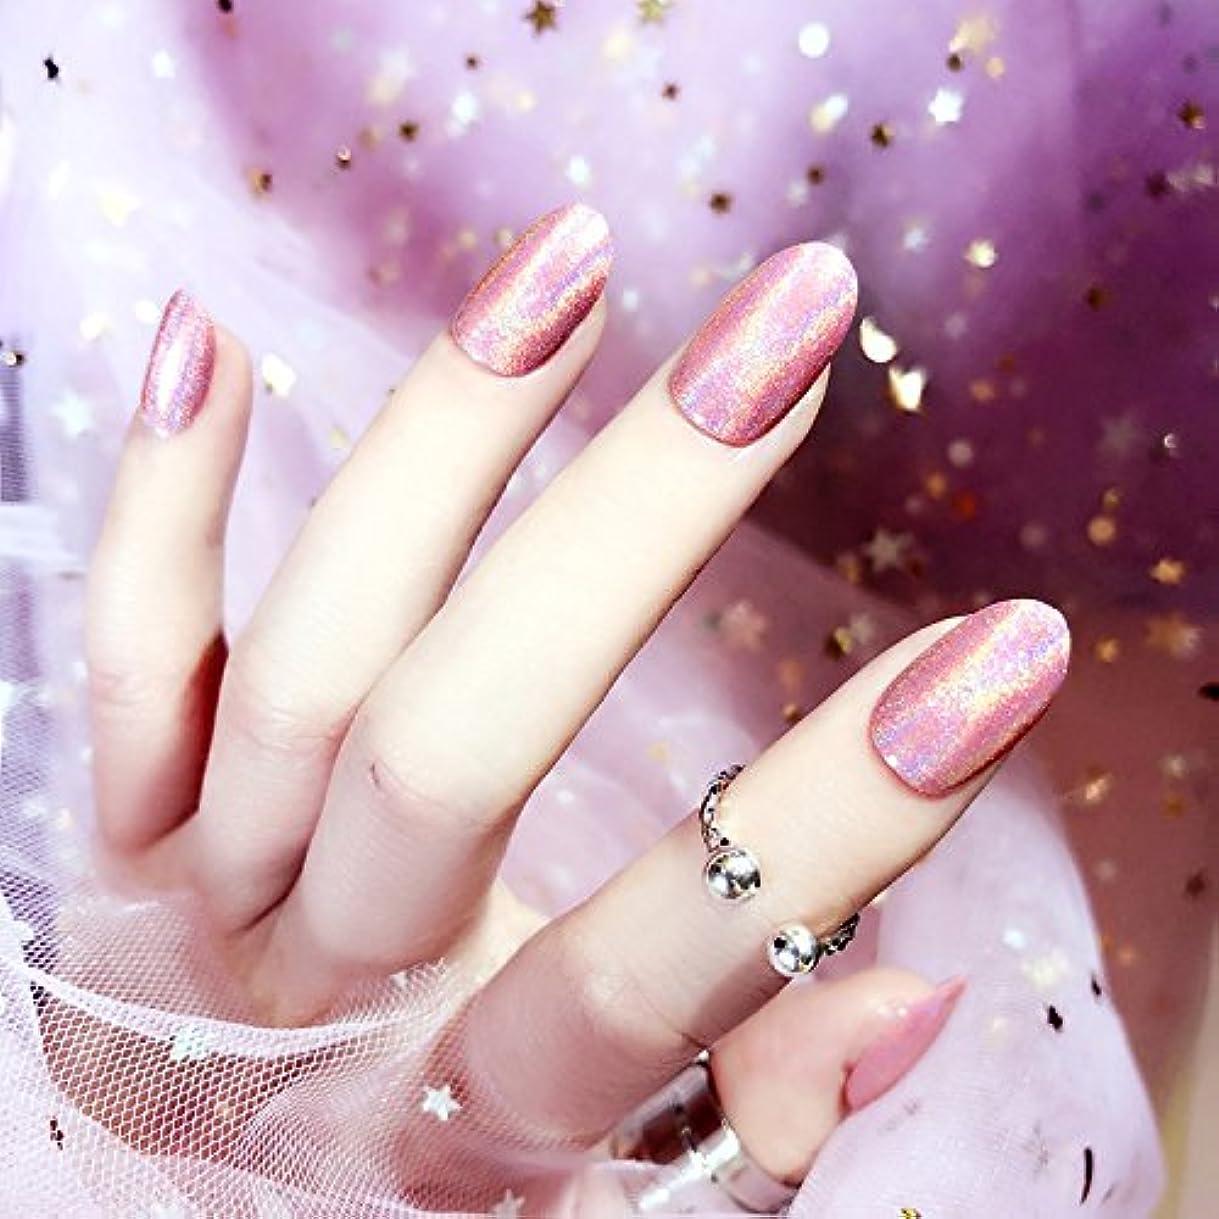 質感 彩がつく 24枚純色付け爪 ネイル貼るだけネイルチップ レーザー 多重光沢 お花嫁付け爪 ジェルネイルの光疗法 シンフォニー (アメジスト)